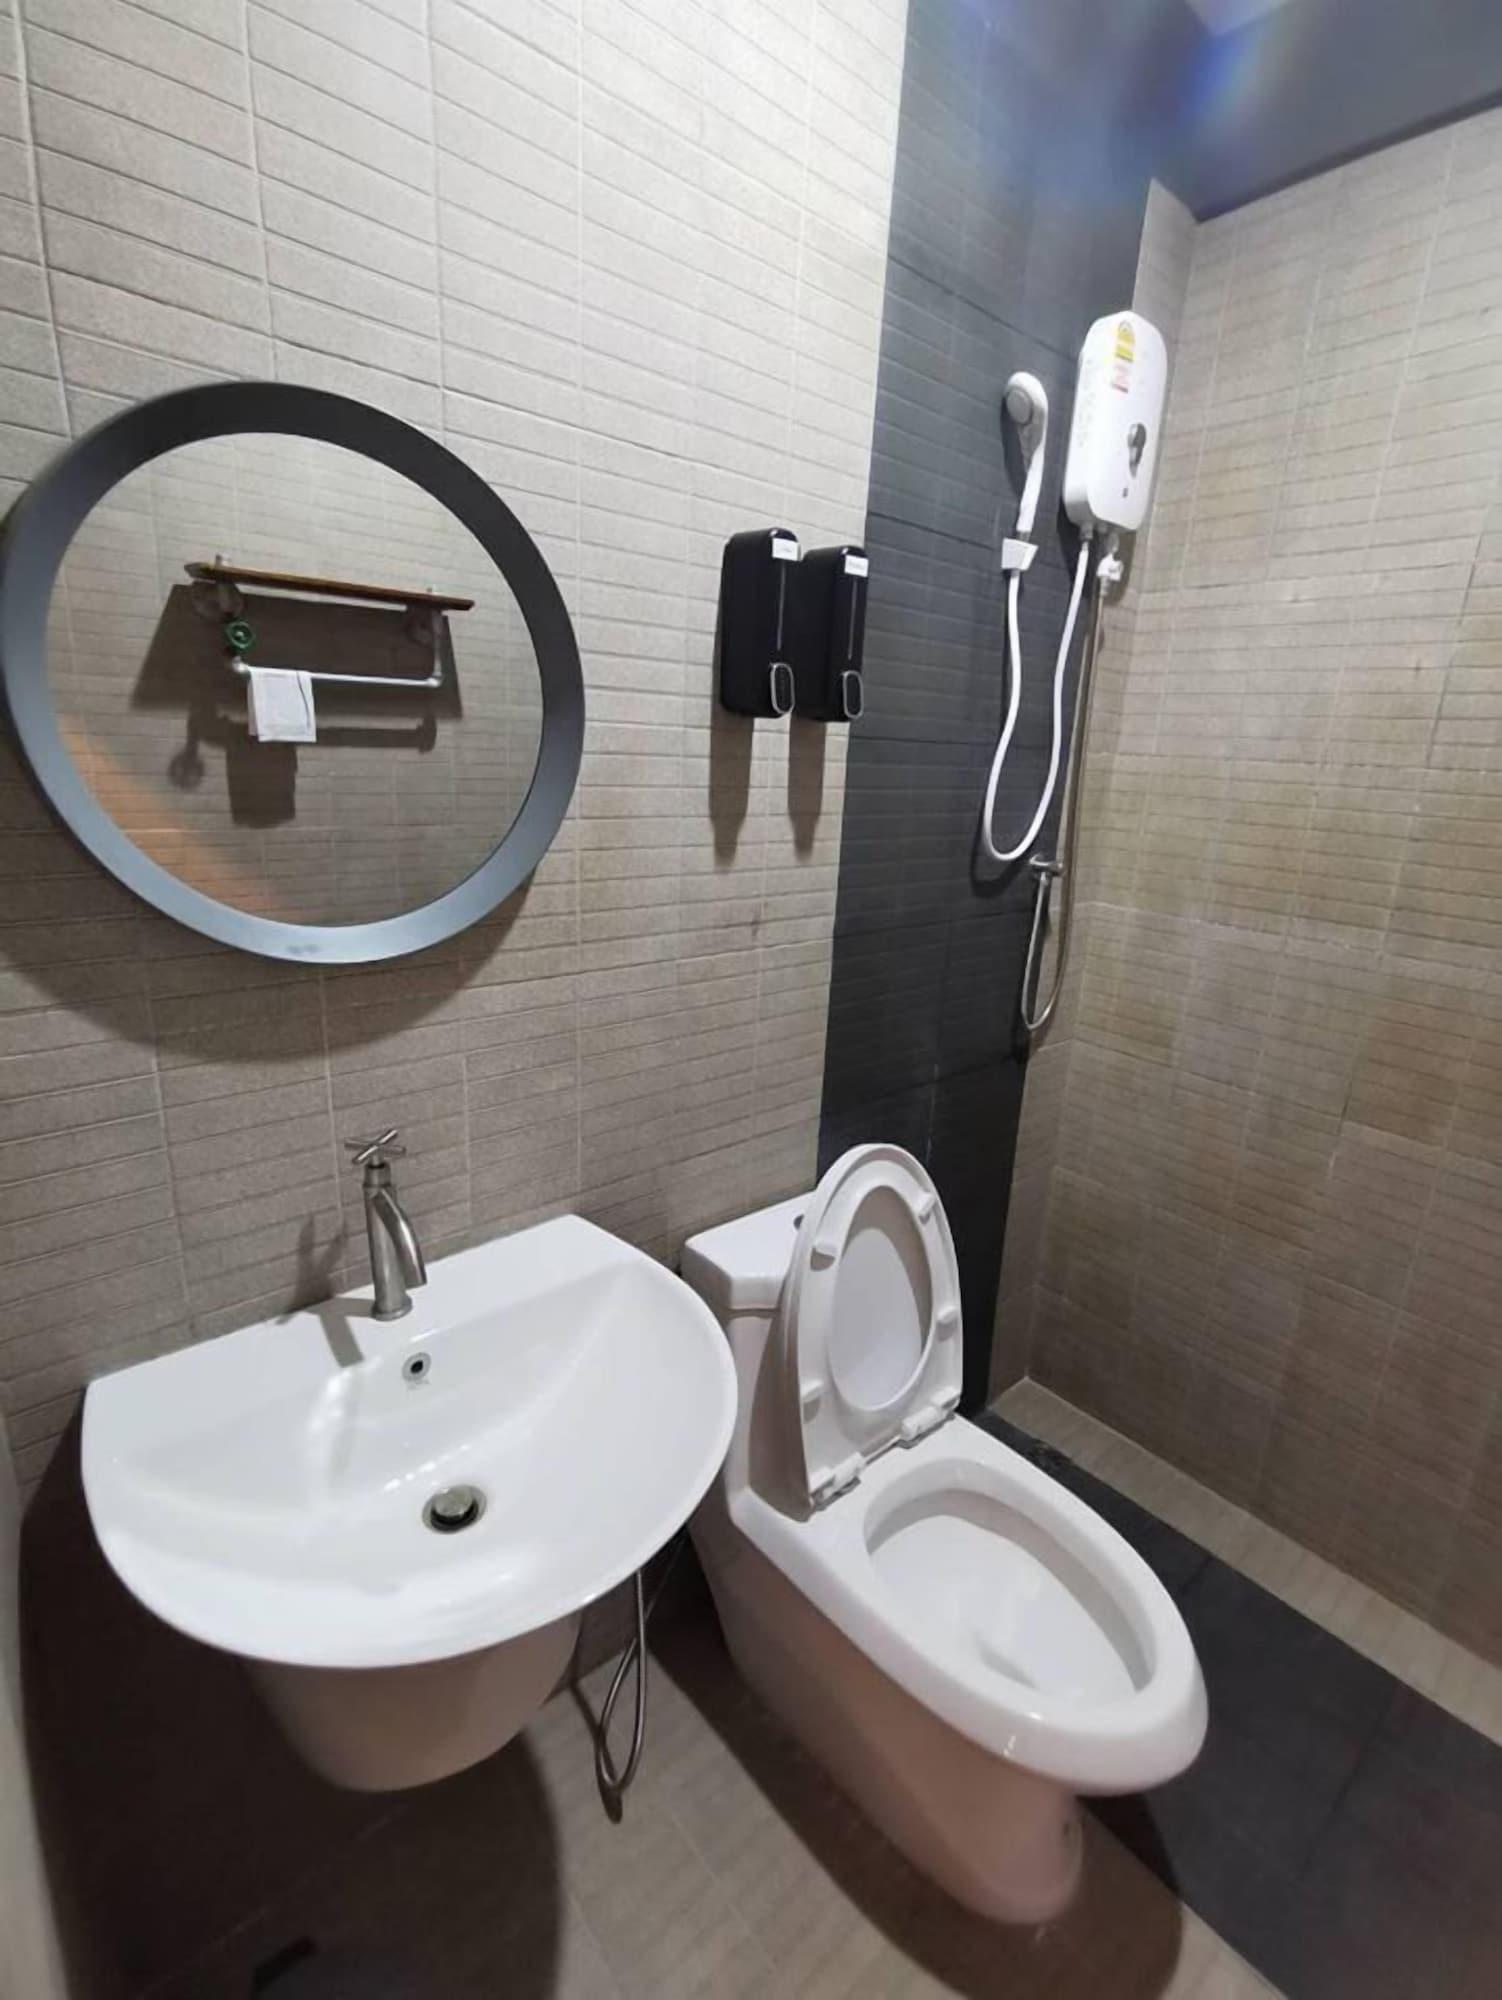 Pakarang Resort, Langu